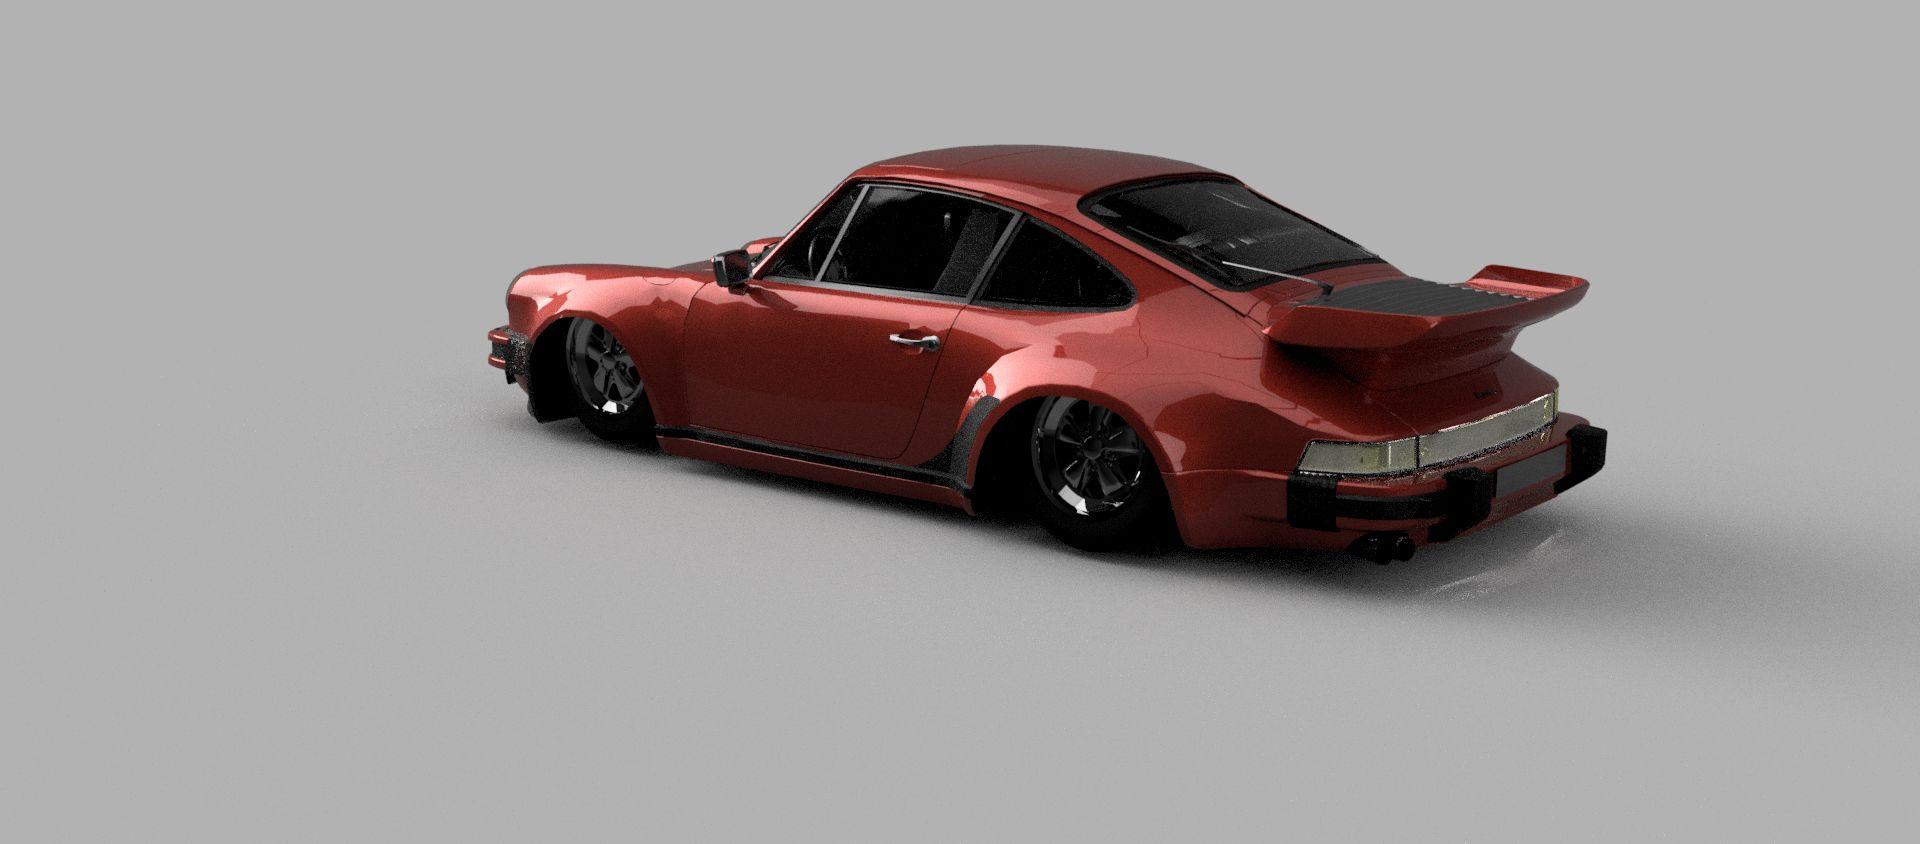 Porsche-targa-v12-3500-3500